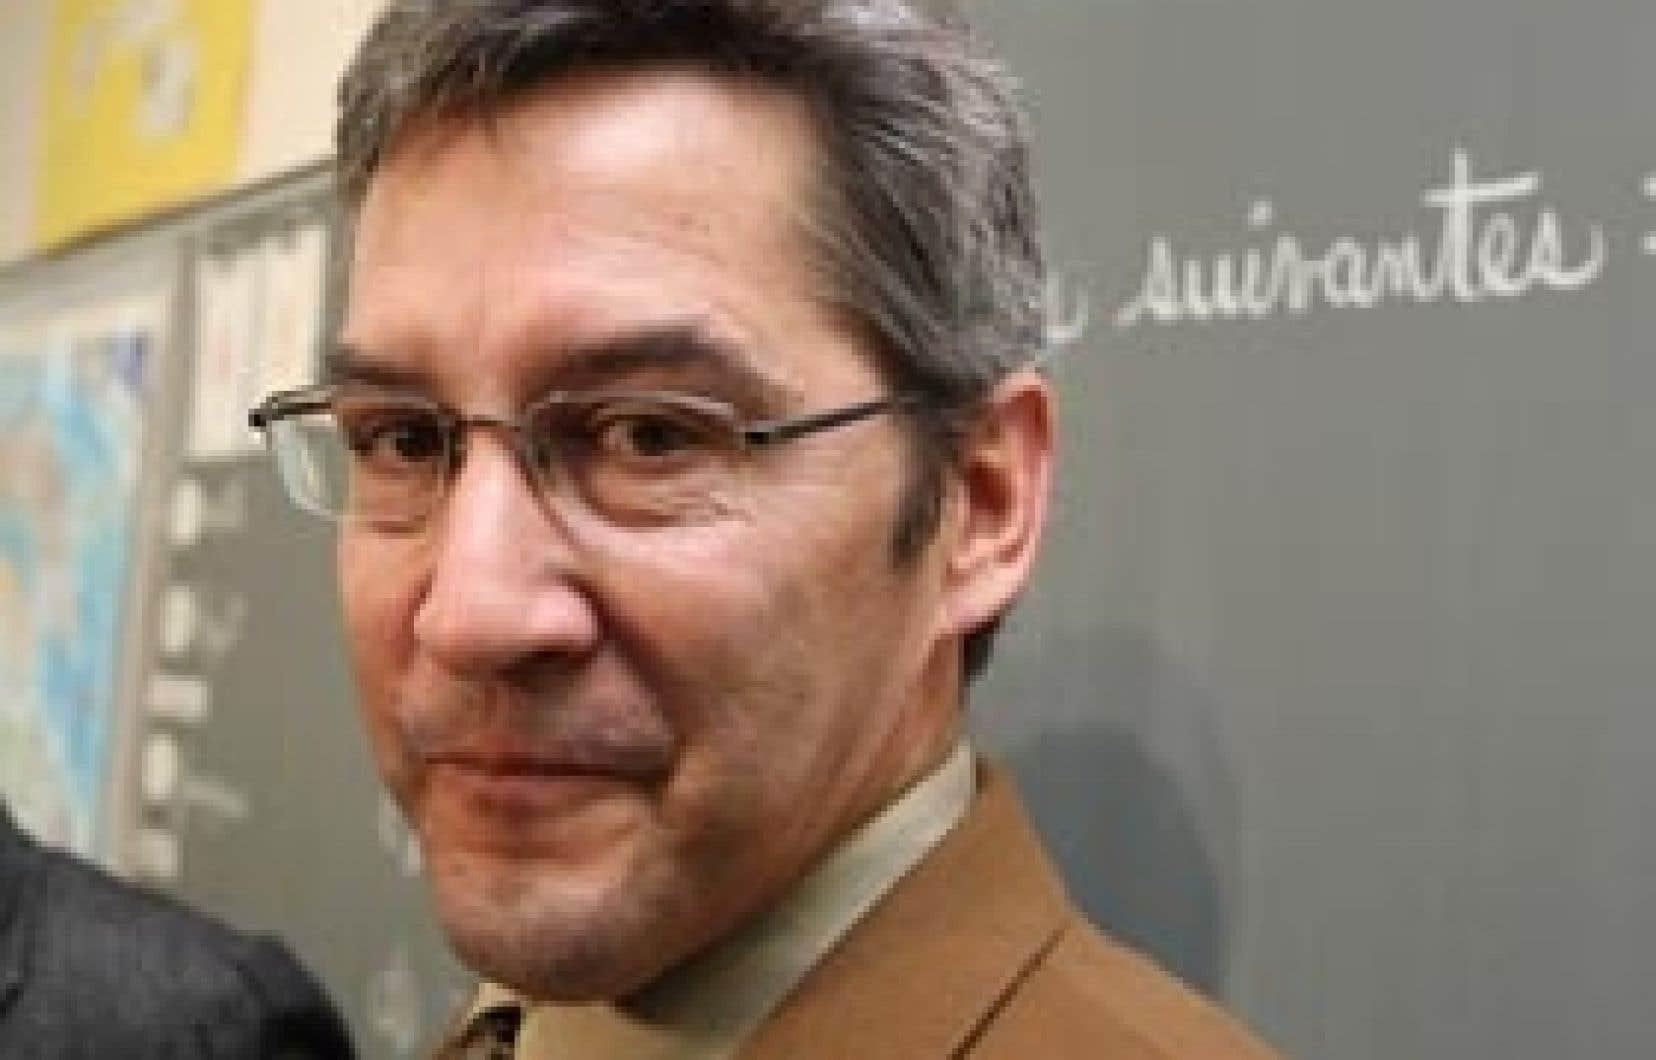 Chef du Parti vert du Québec, Scott McKay était très critique envers le Parti québécois, notamment en matière d'éthique. Devenu député du PQ, le même Scott McKay dit aujourd'hui avoir erré.